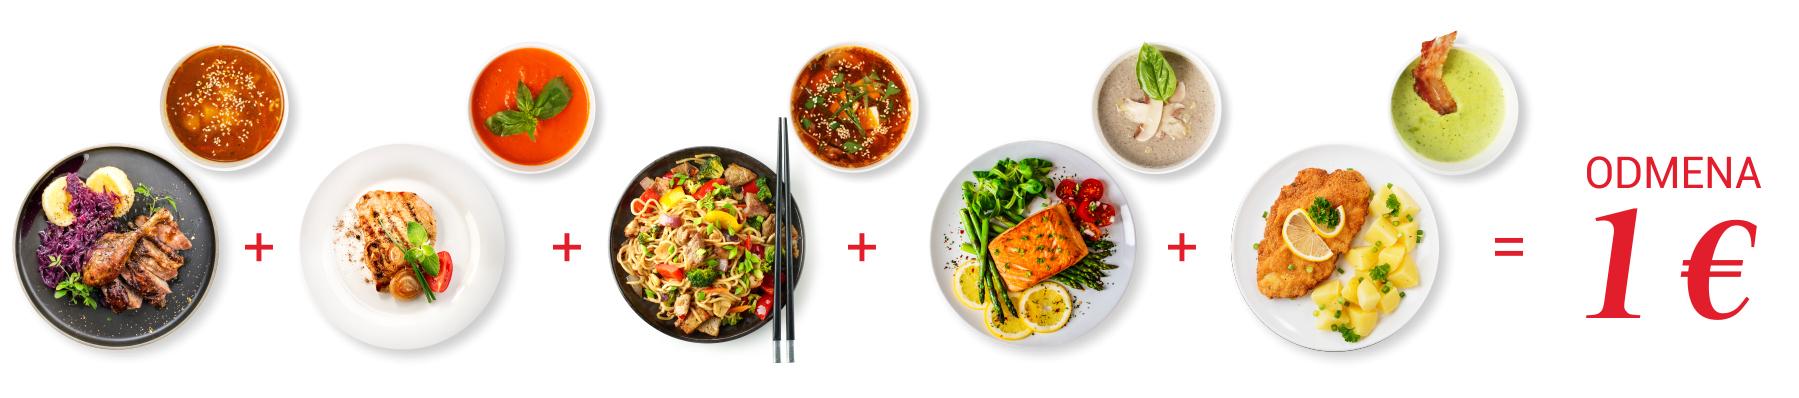 Odmena 1 € za 5 obedov | Dobrý program DOXX